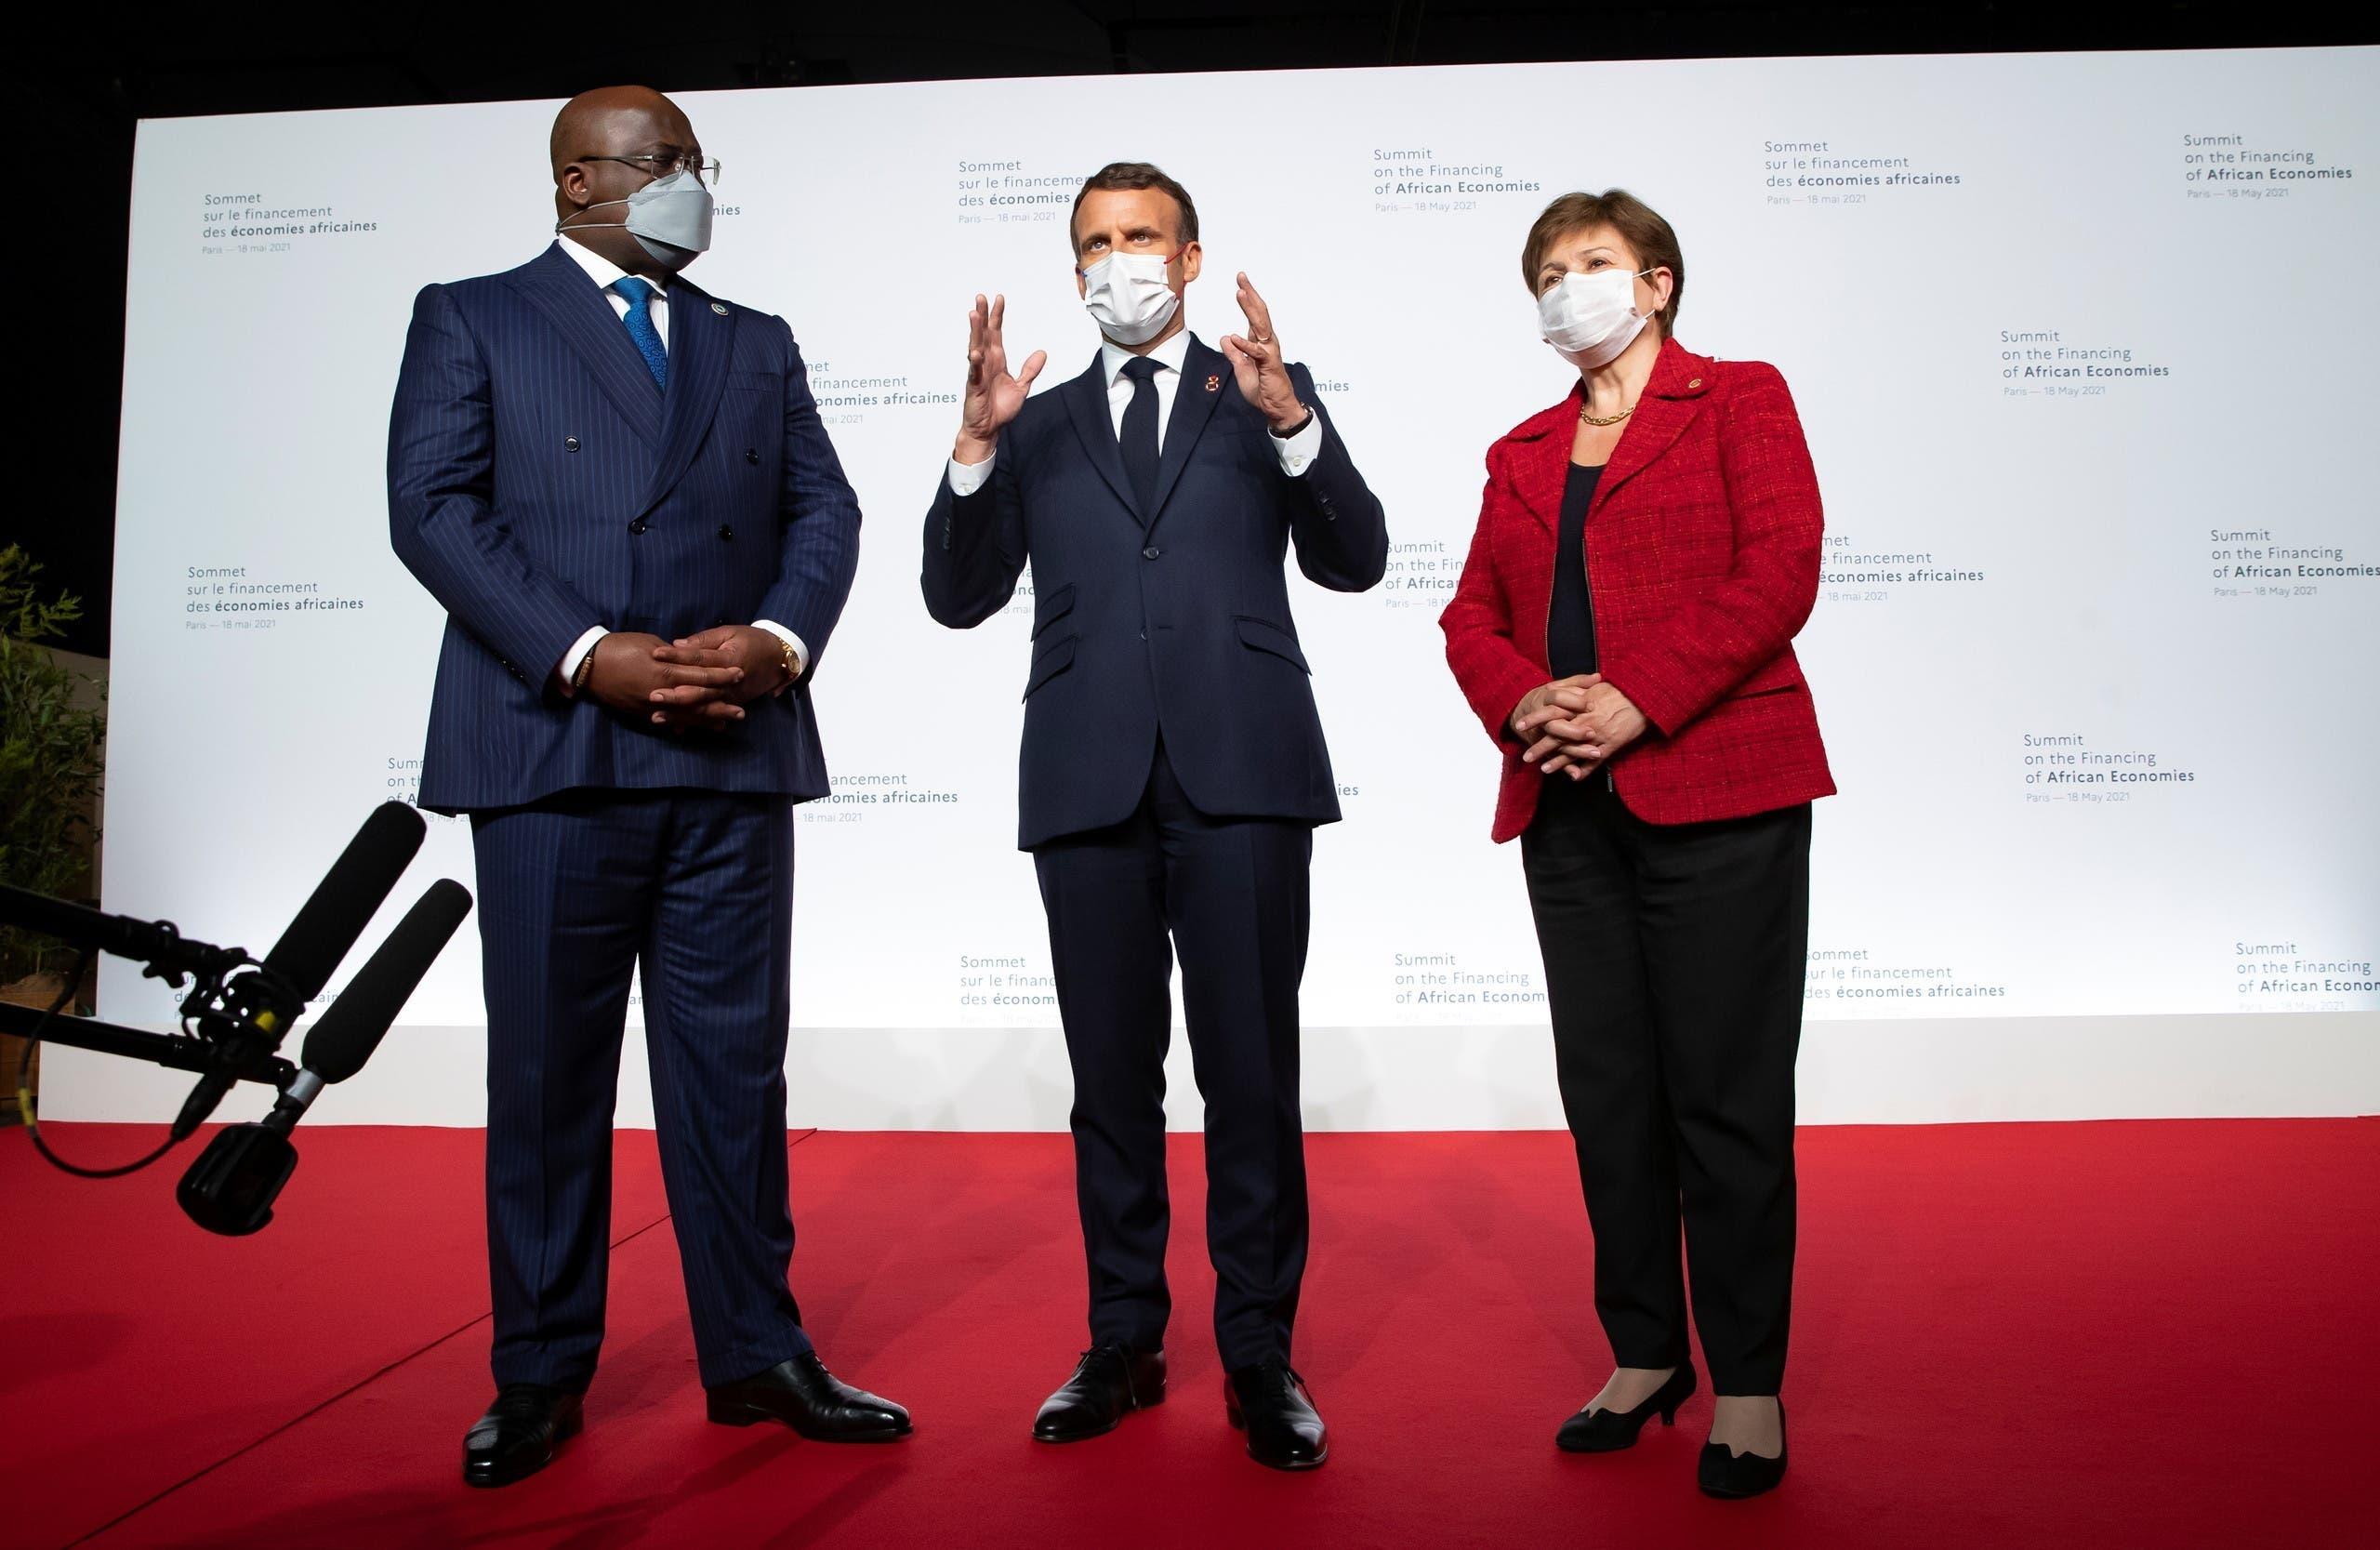 پیرس کانفرس کی ایک جھلک